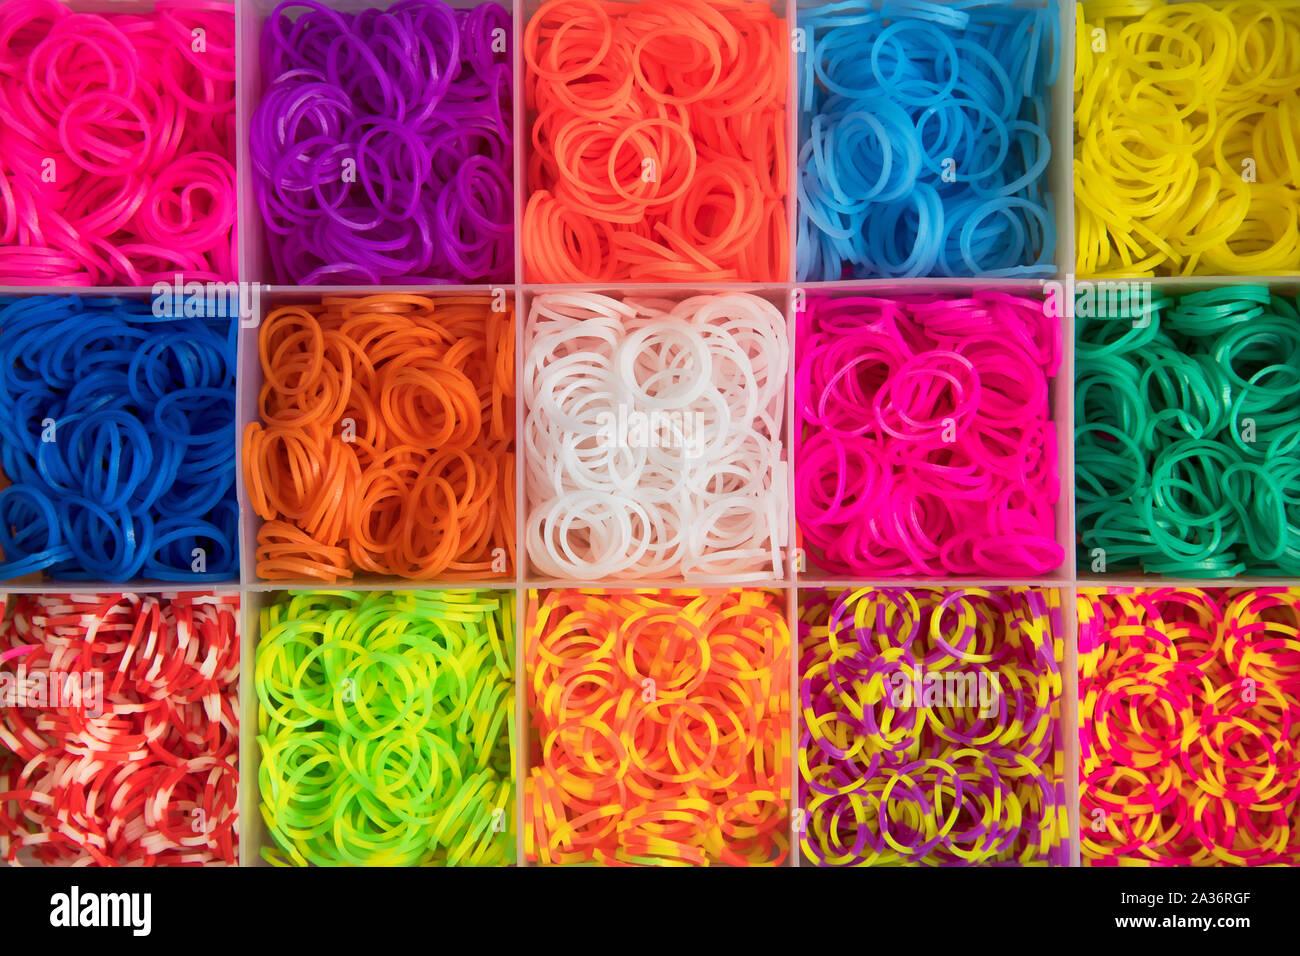 Colorido textura de fondo de bandas elásticas multicolores ordenados en compartimentos cuadrados en una caja vista desde arriba en full frame Foto de stock